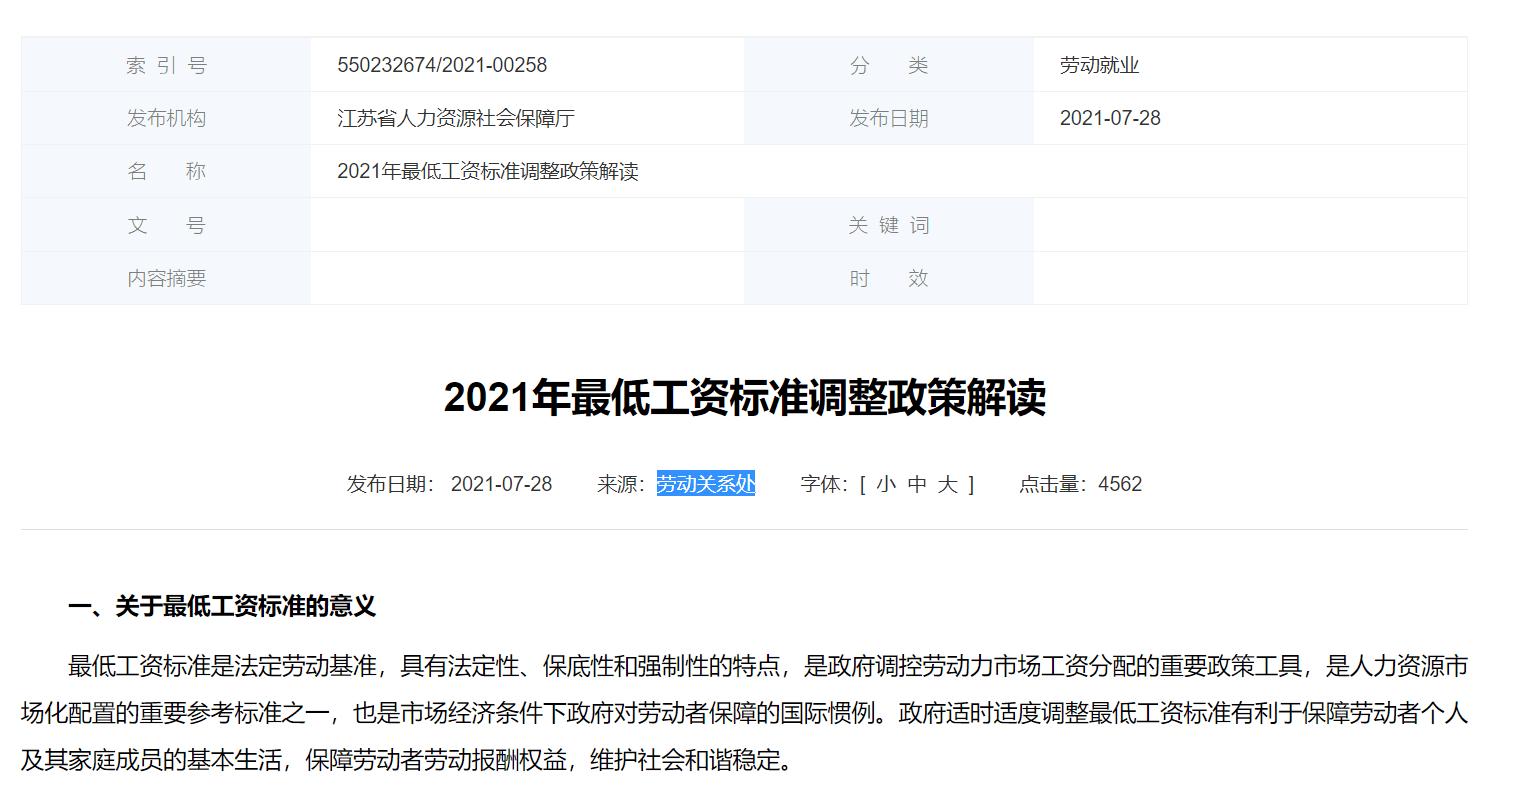 2021年江苏省最低工资标准调整政策解读,值得企业负责、财务、HR收藏!